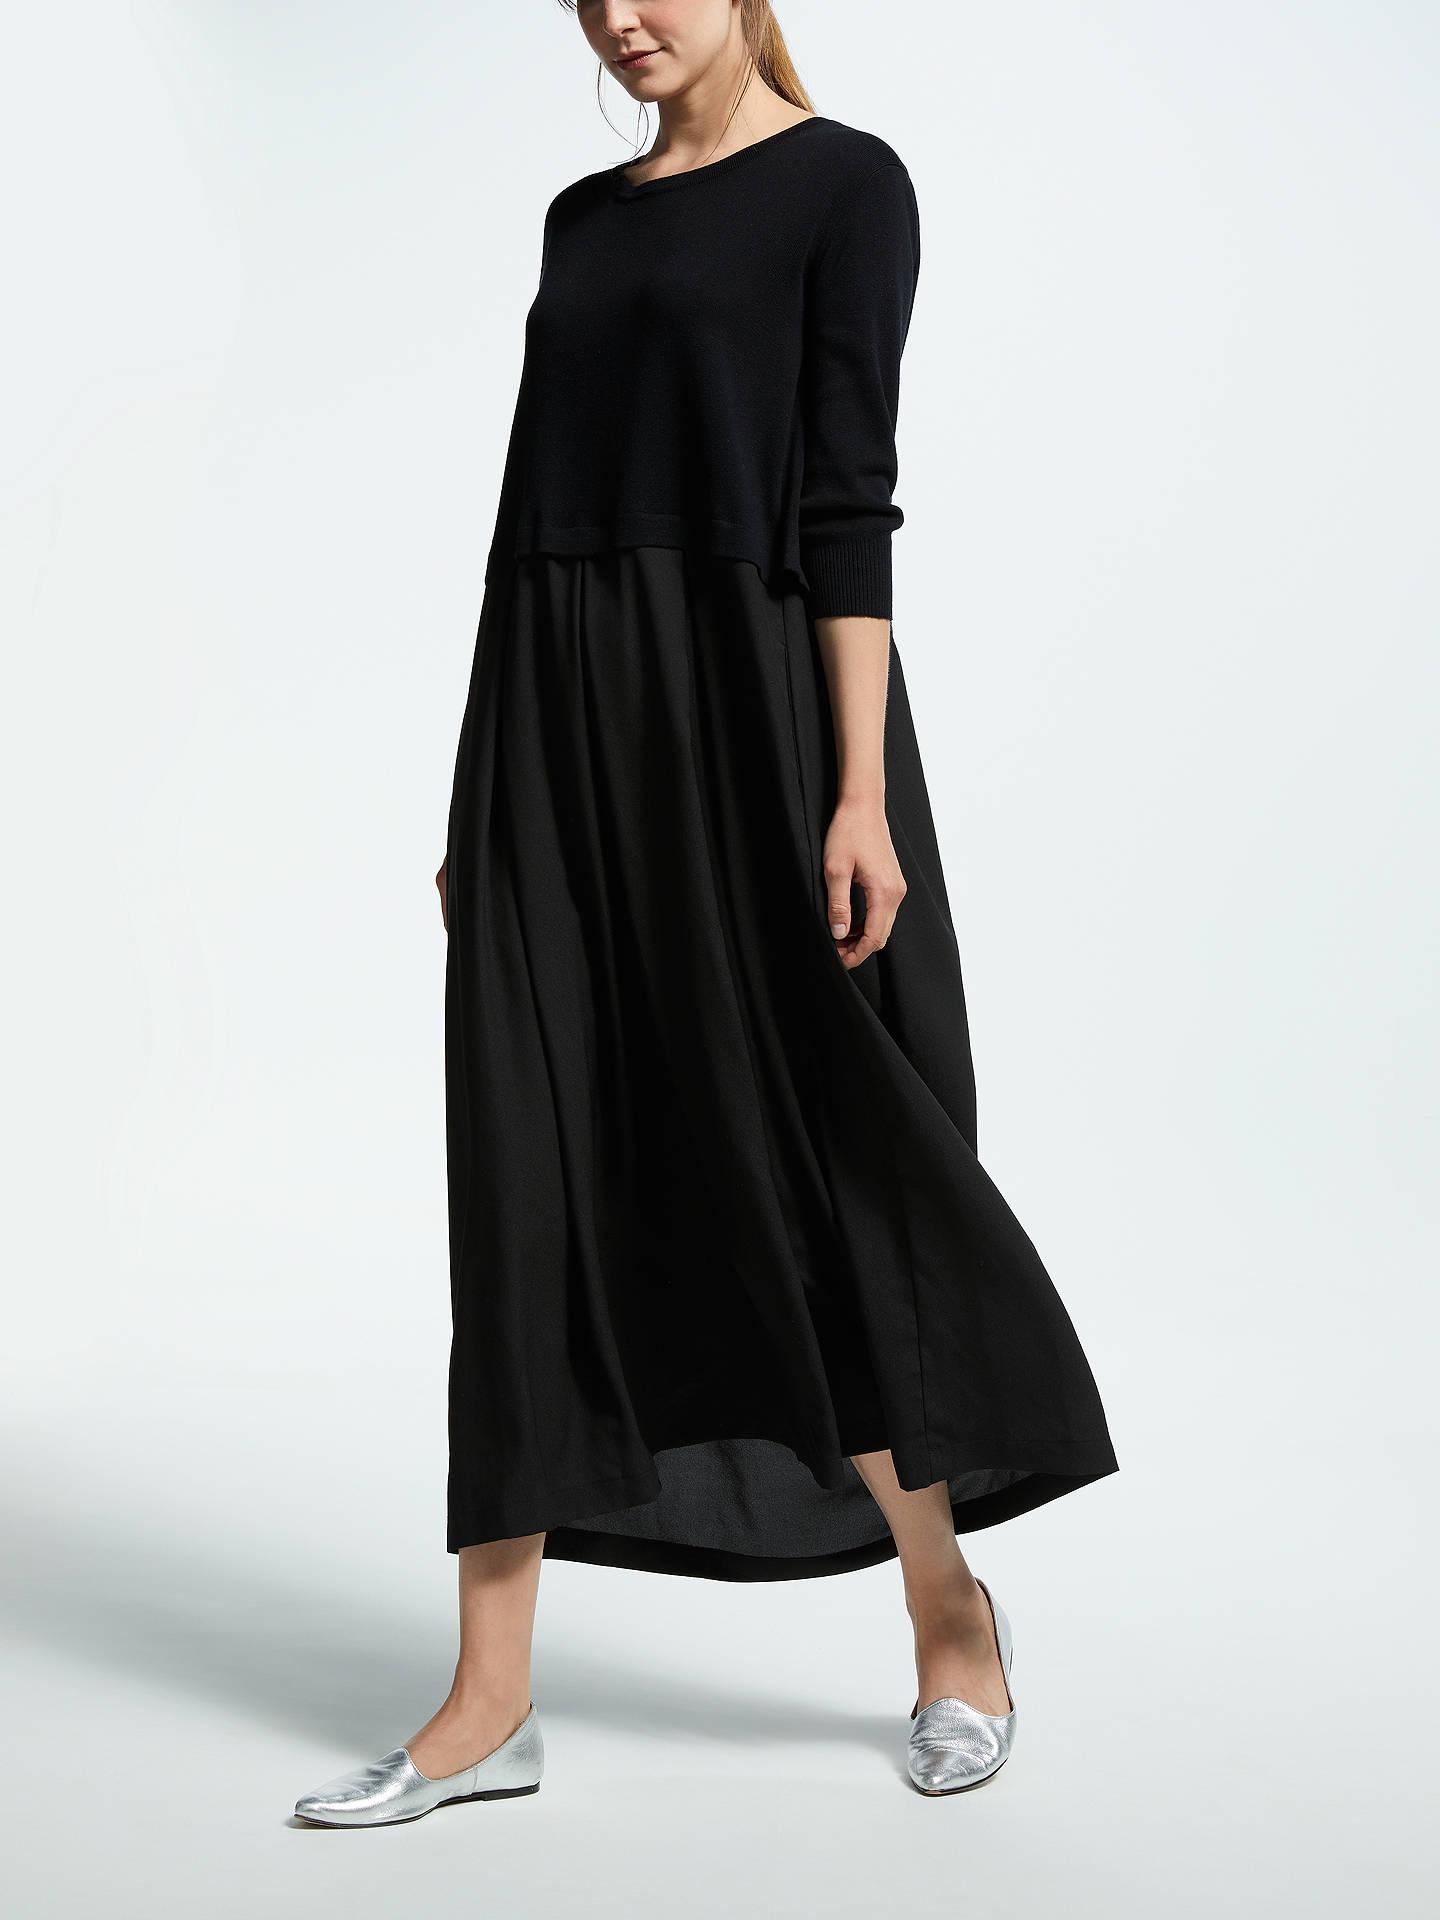 a54a00d9a4a ... Buy Weekend MaxMara Knit Overlay Maxi Dress